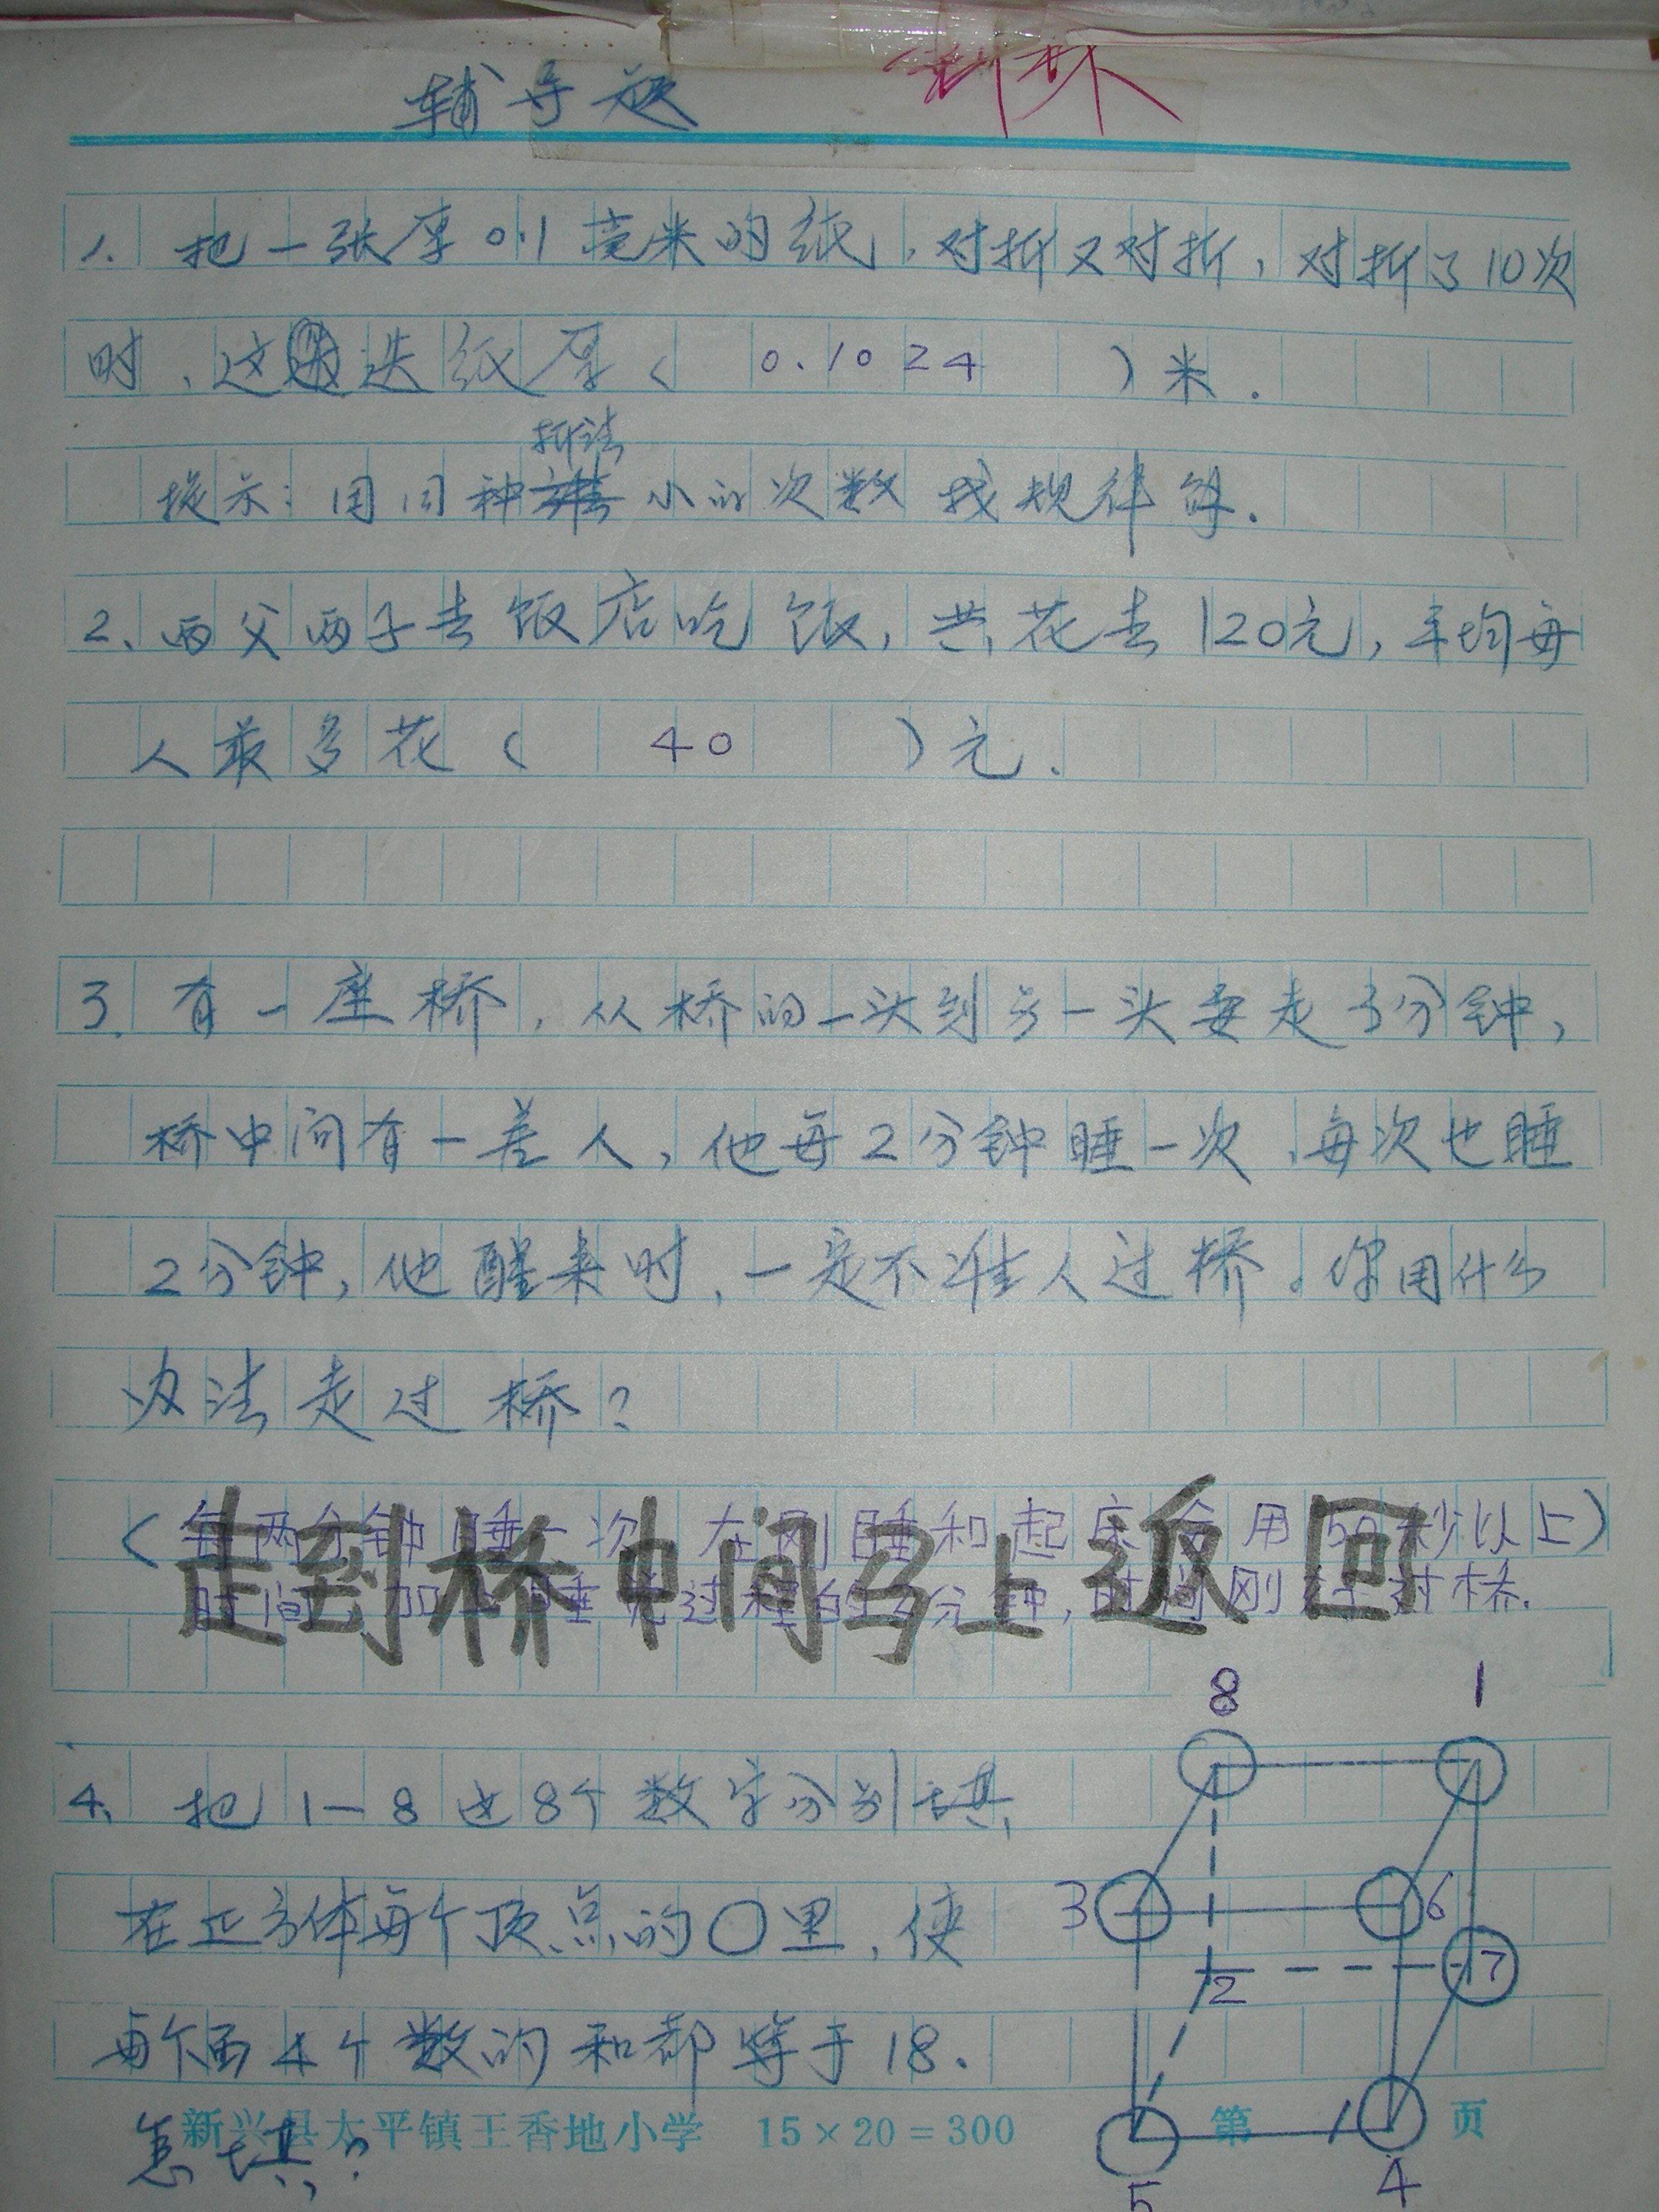 数学竞赛训练题目·回忆9.JPG